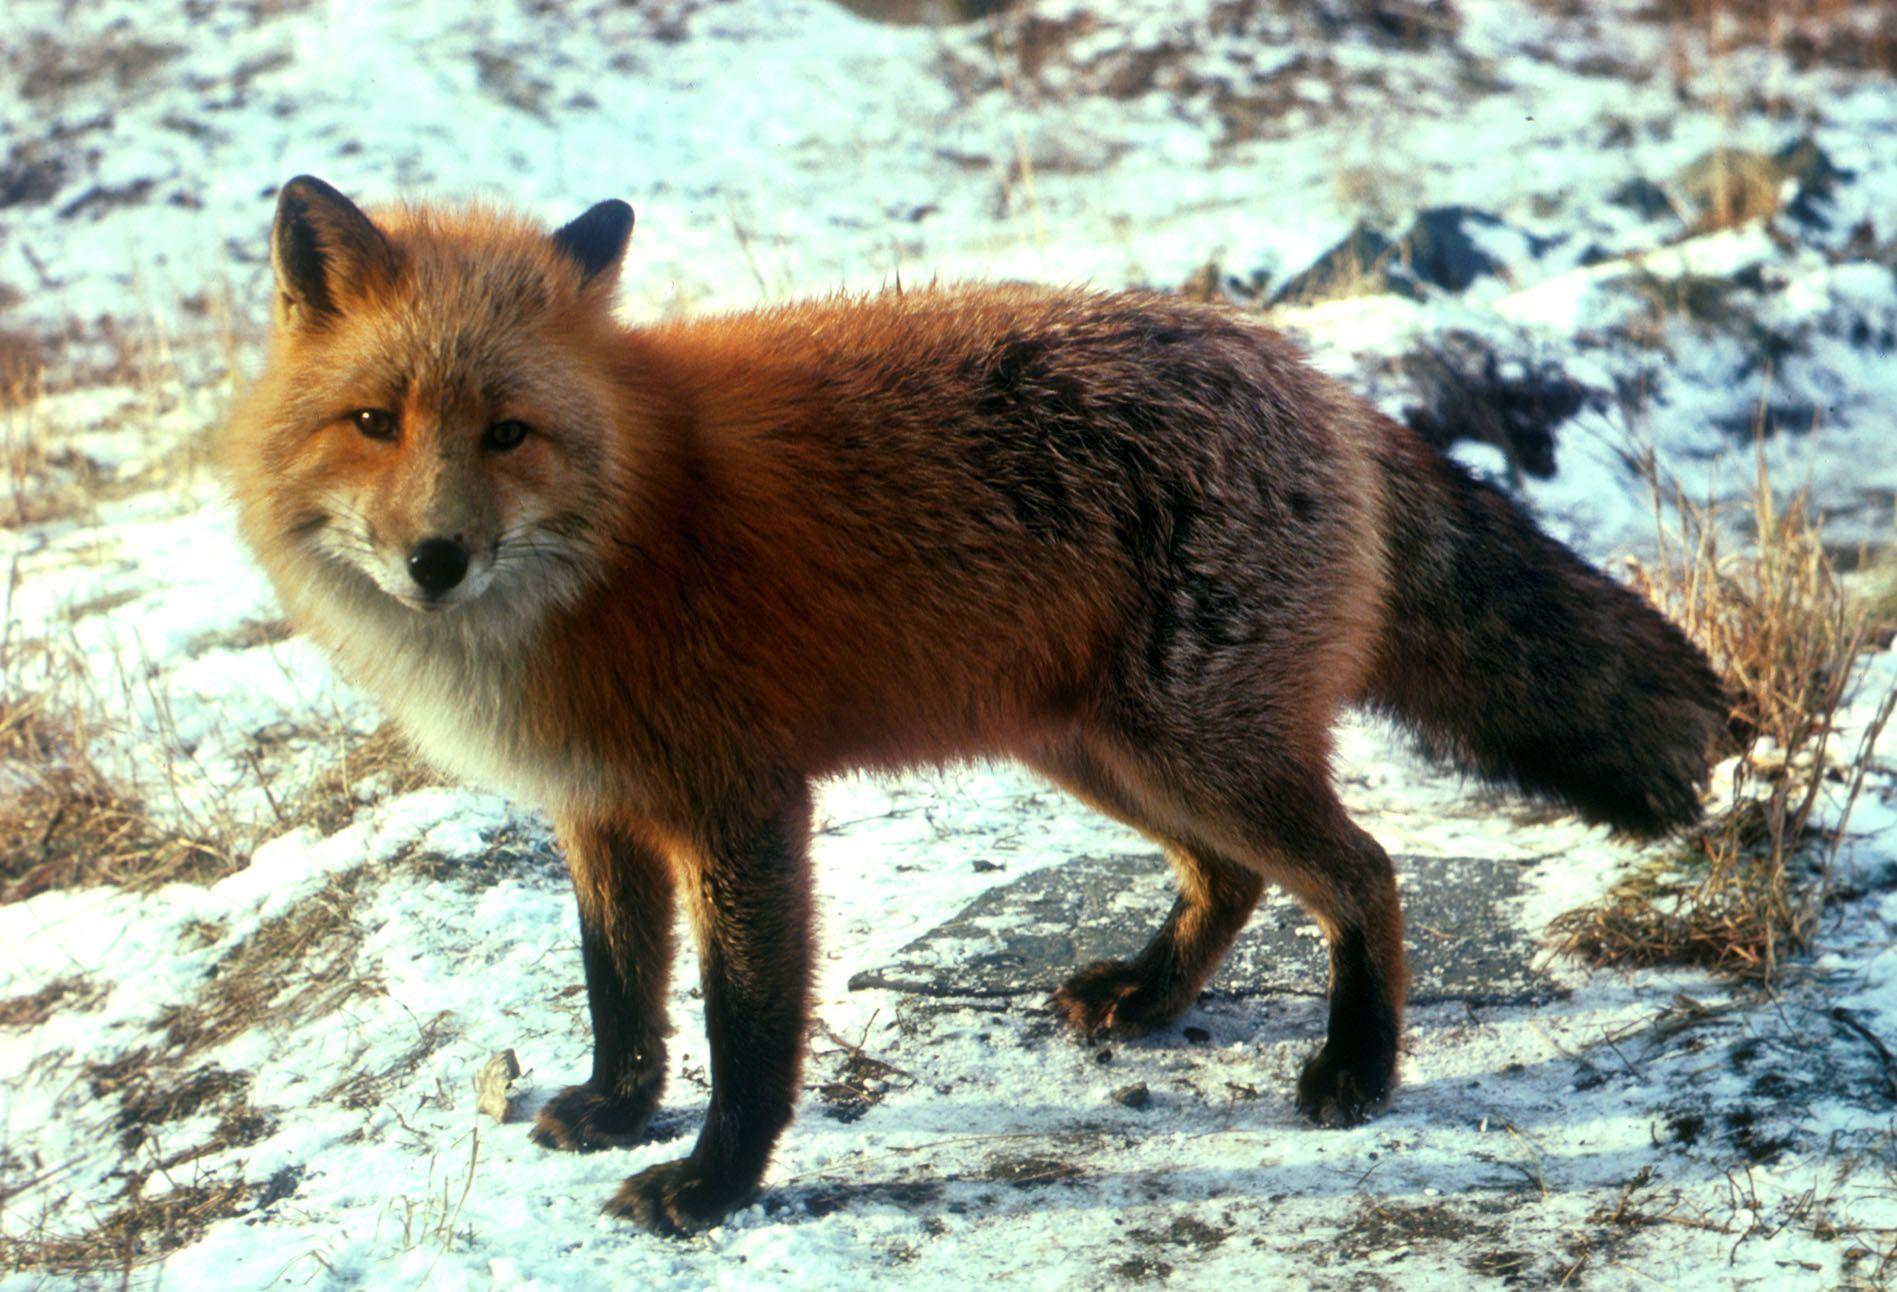 rainforest animals Coniferous Forest Animals Nature Pinterest Rainforest animals and Animal